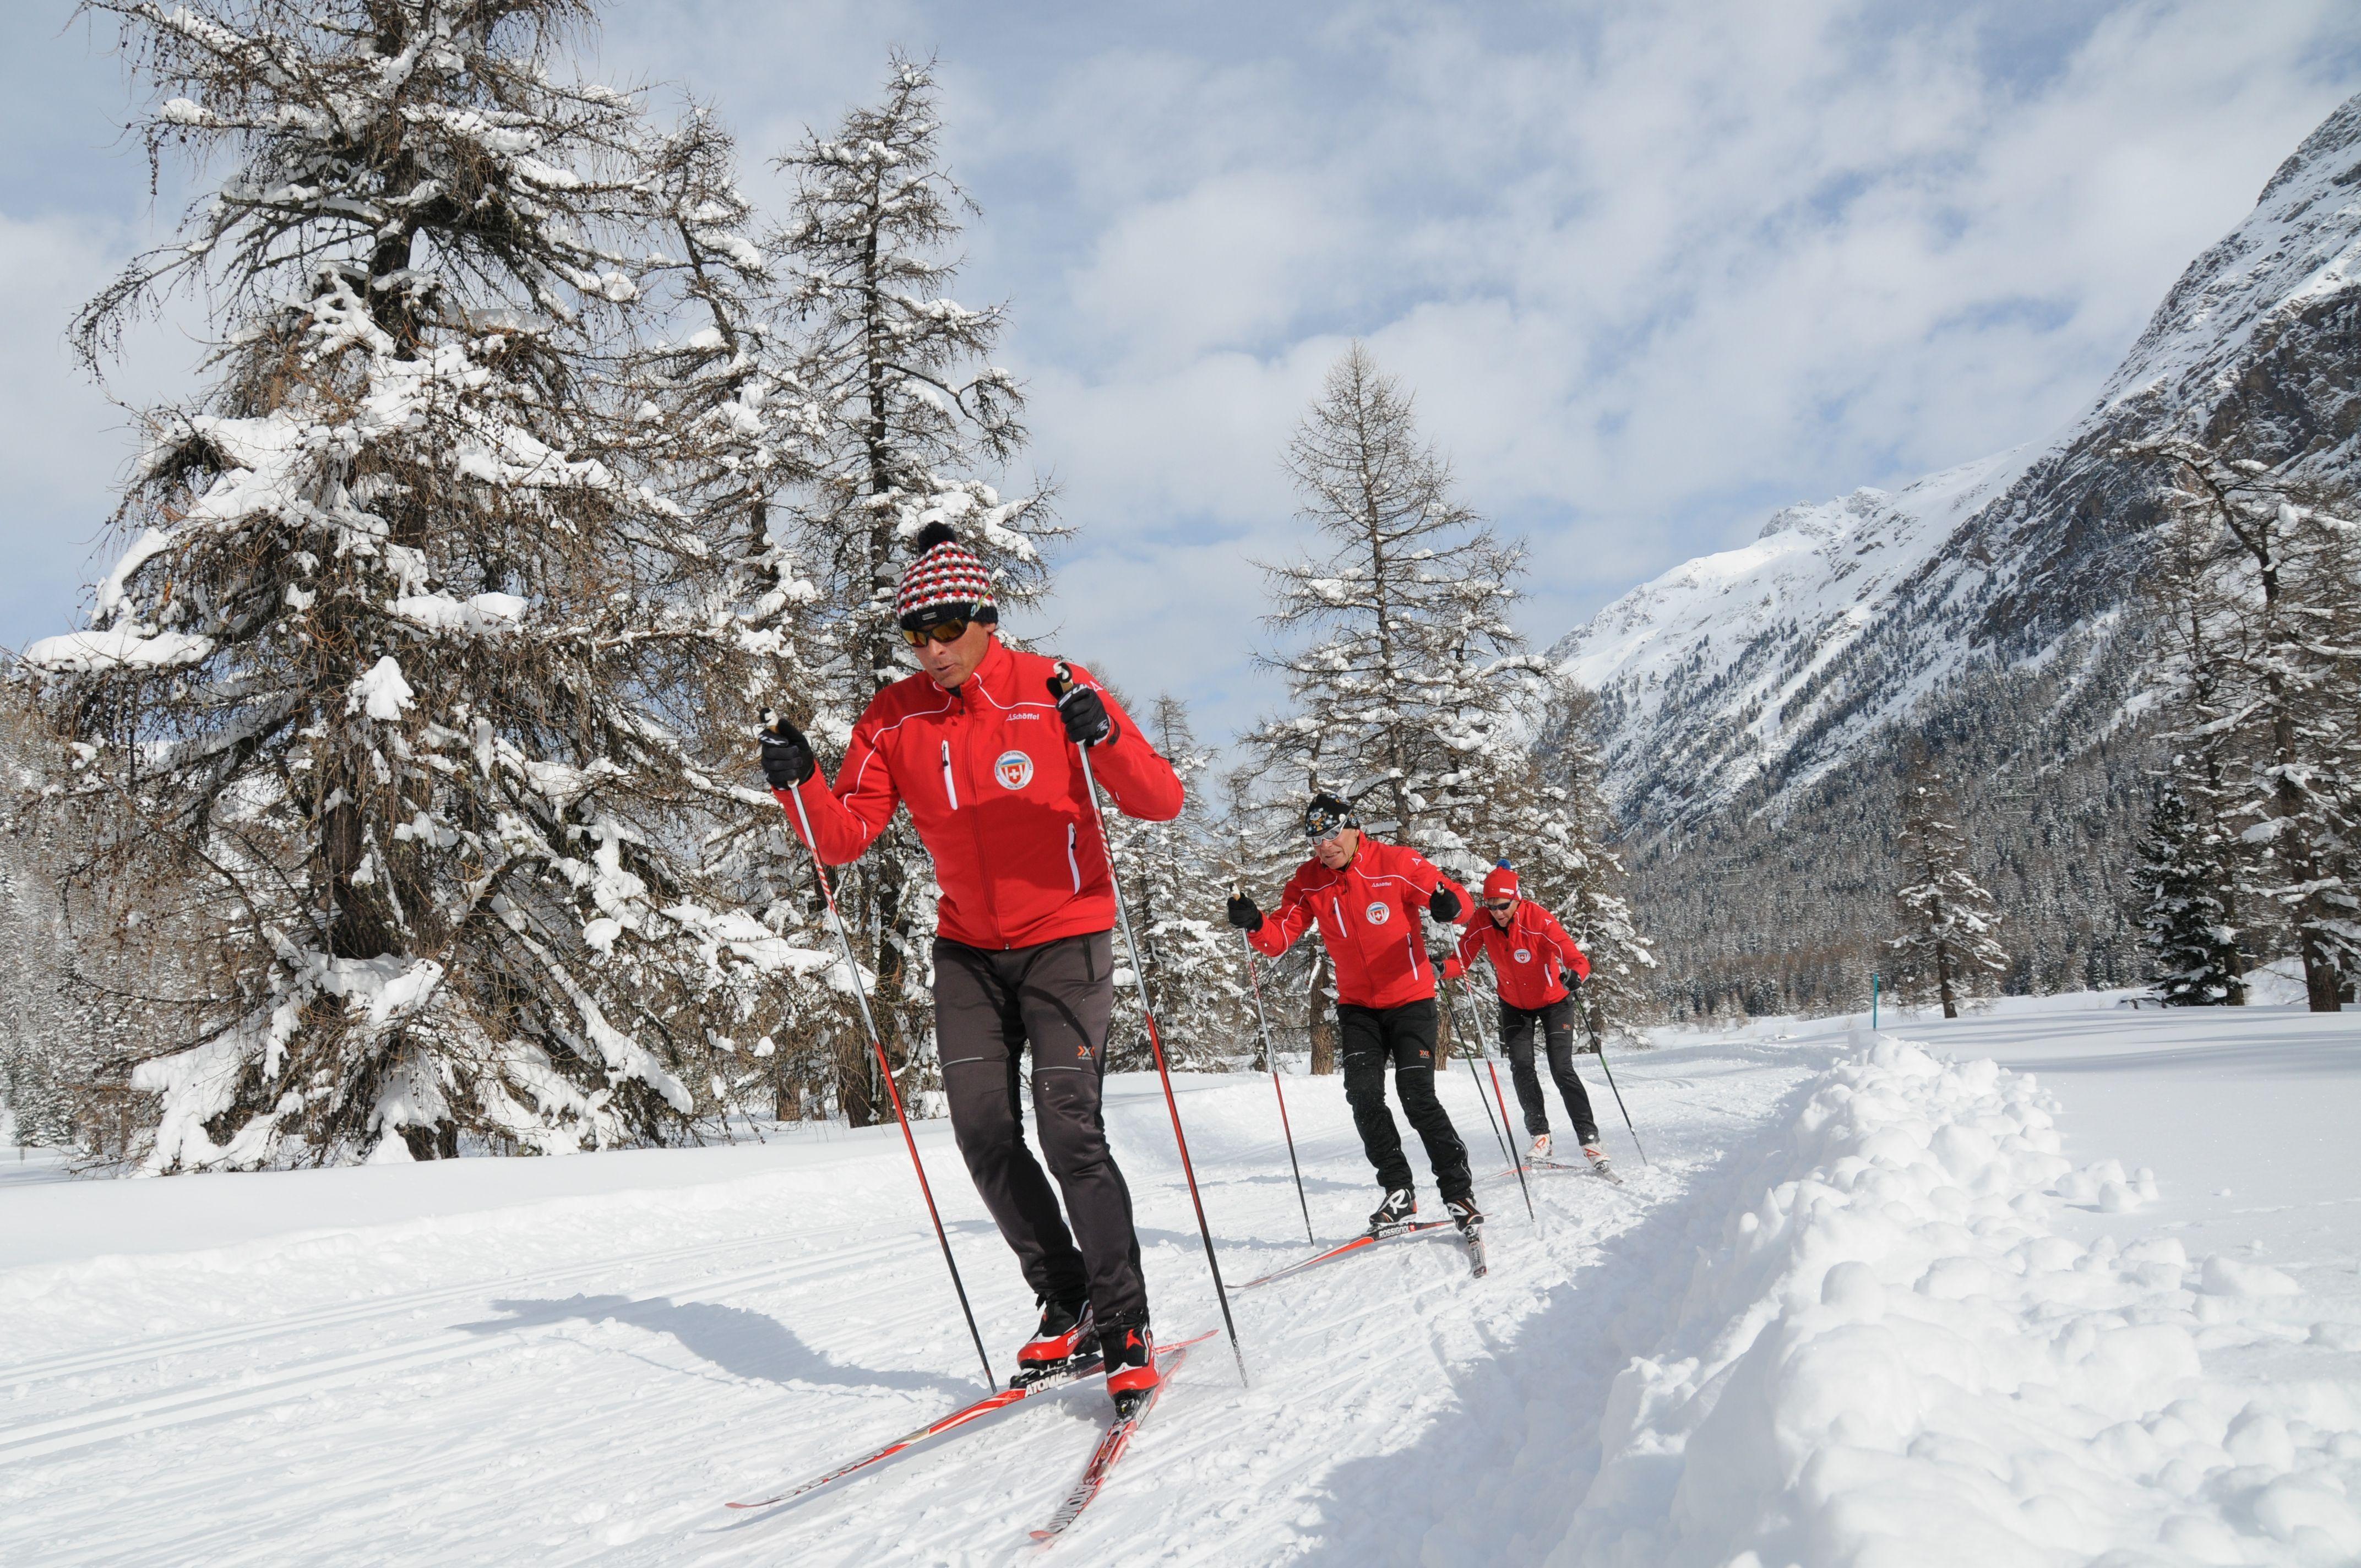 Schweizer Langlauf- und Bikezentrum Pontresina Slide 1